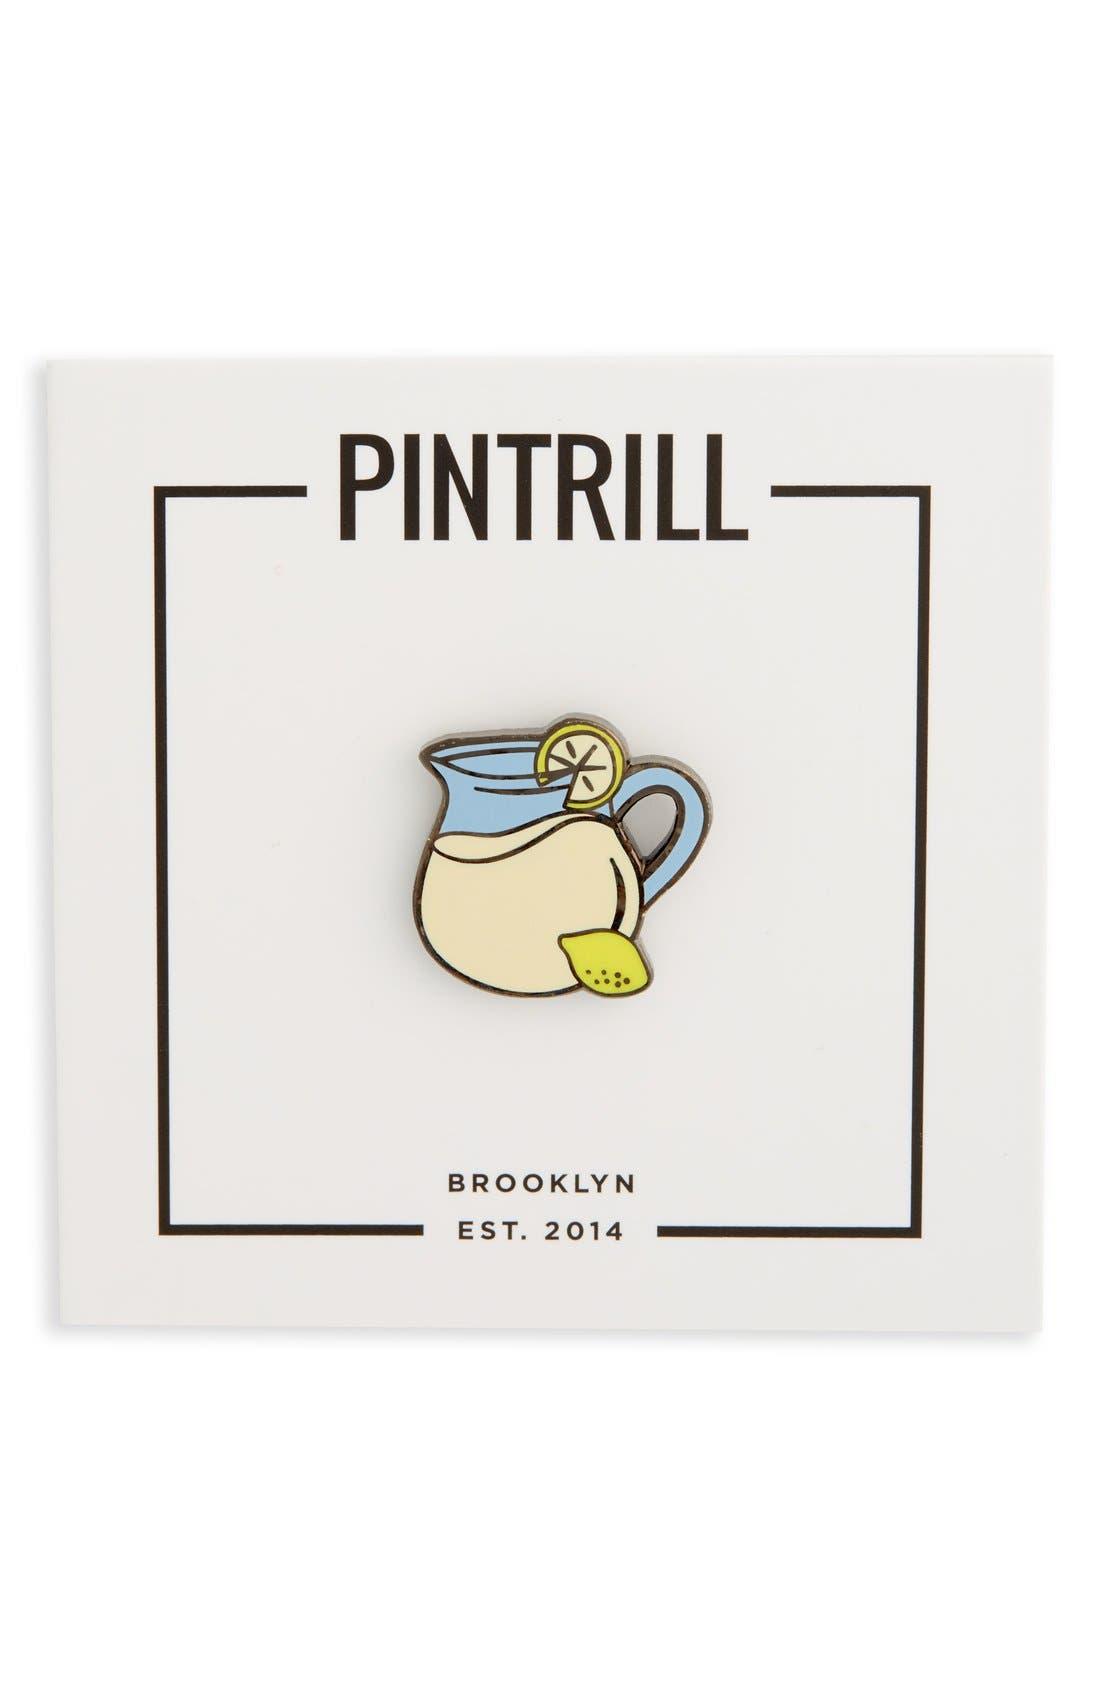 Main Image - PINTRILL 'Lemonade Pitcher' Fashion Accessory Pin